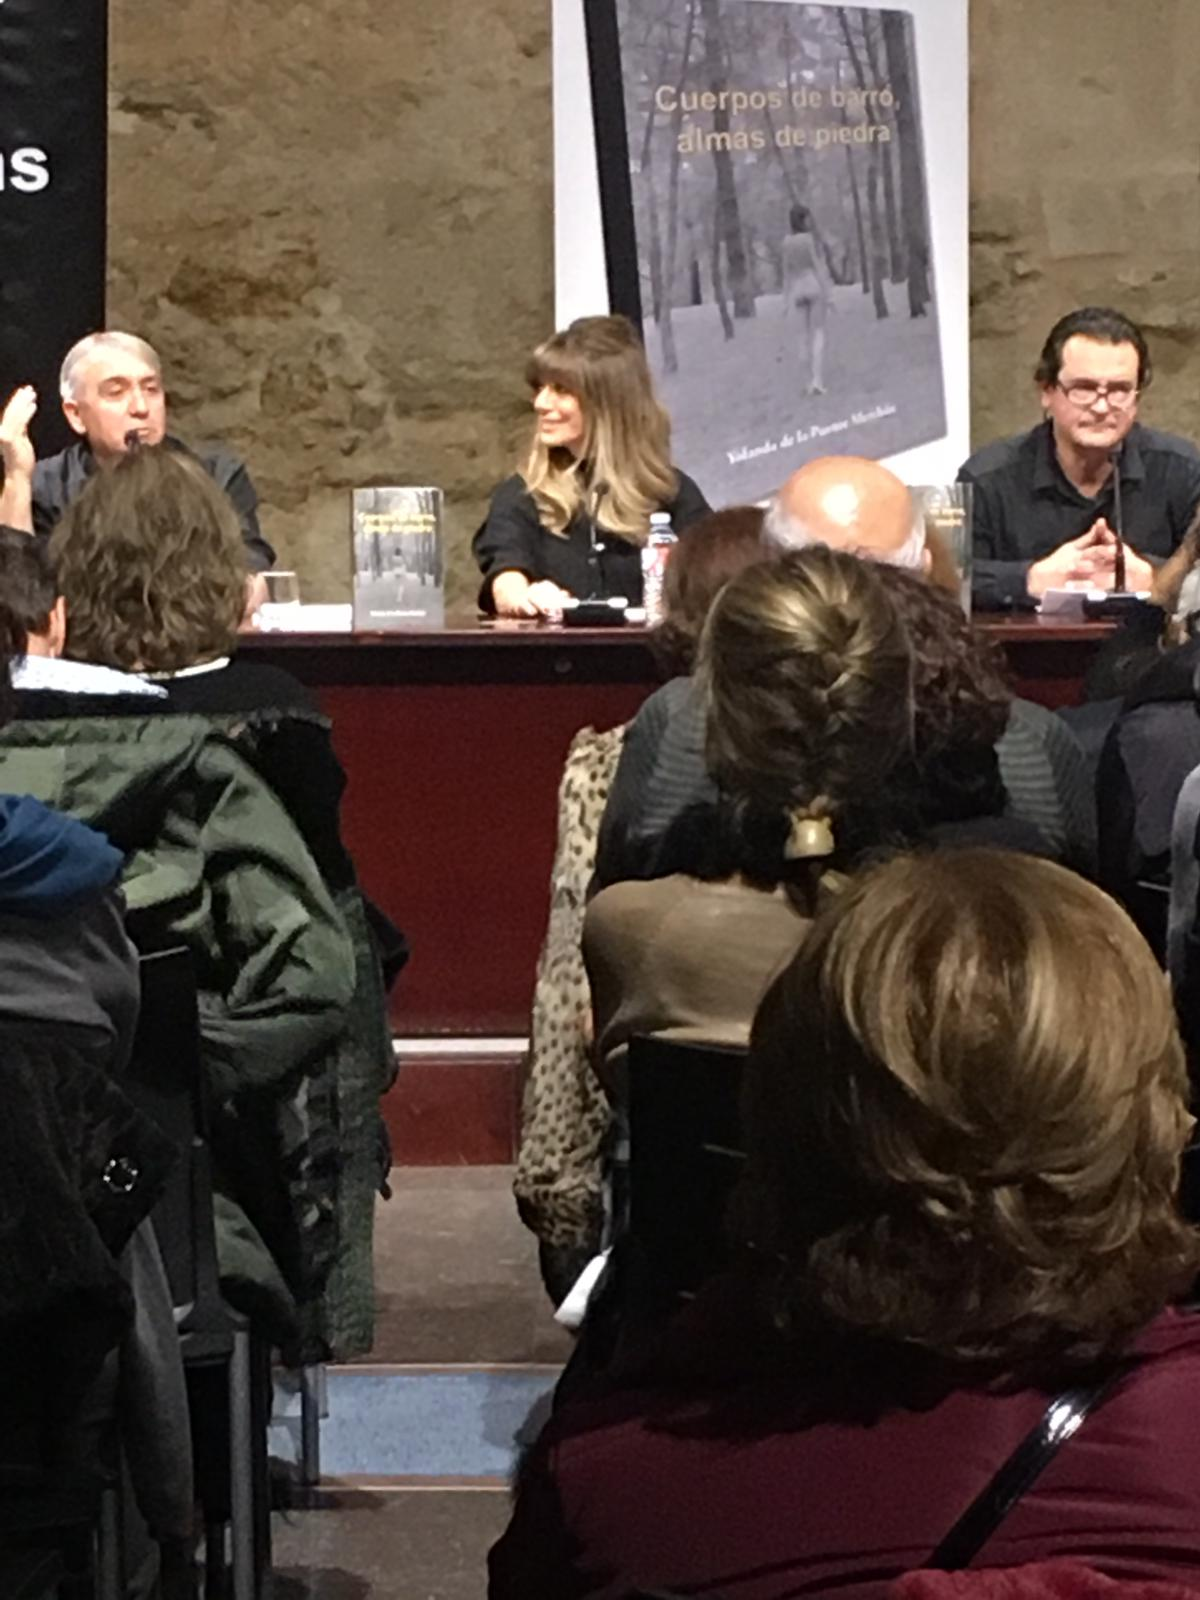 La leonesa Yolanda de La Puente presenta su novela 'Cuerpos de barro, almas de piedra'